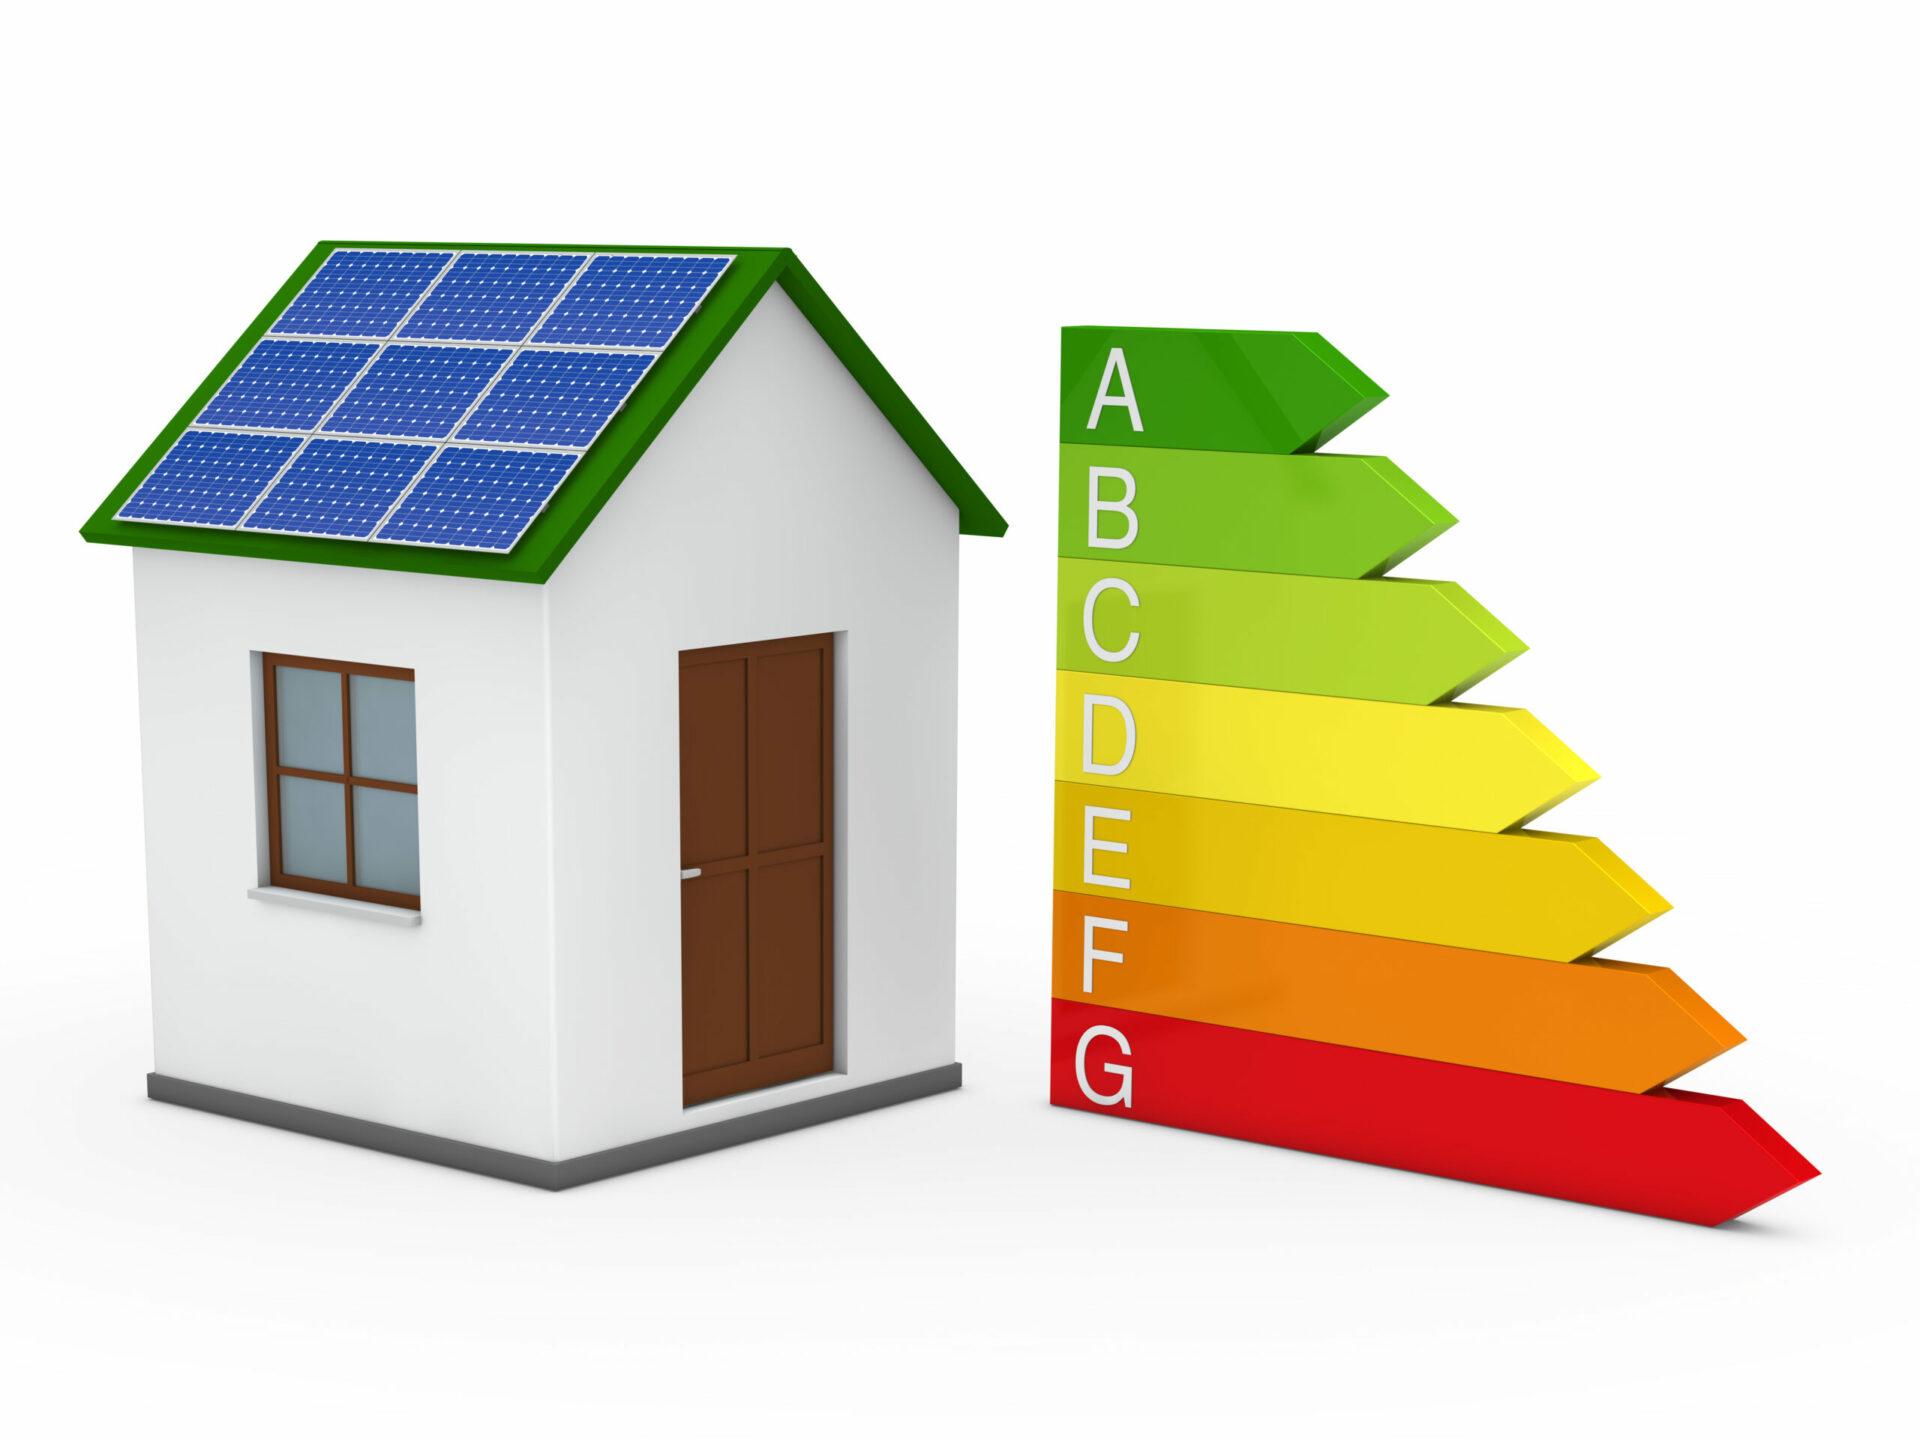 wskaźnik efektywności energetycznej budynku